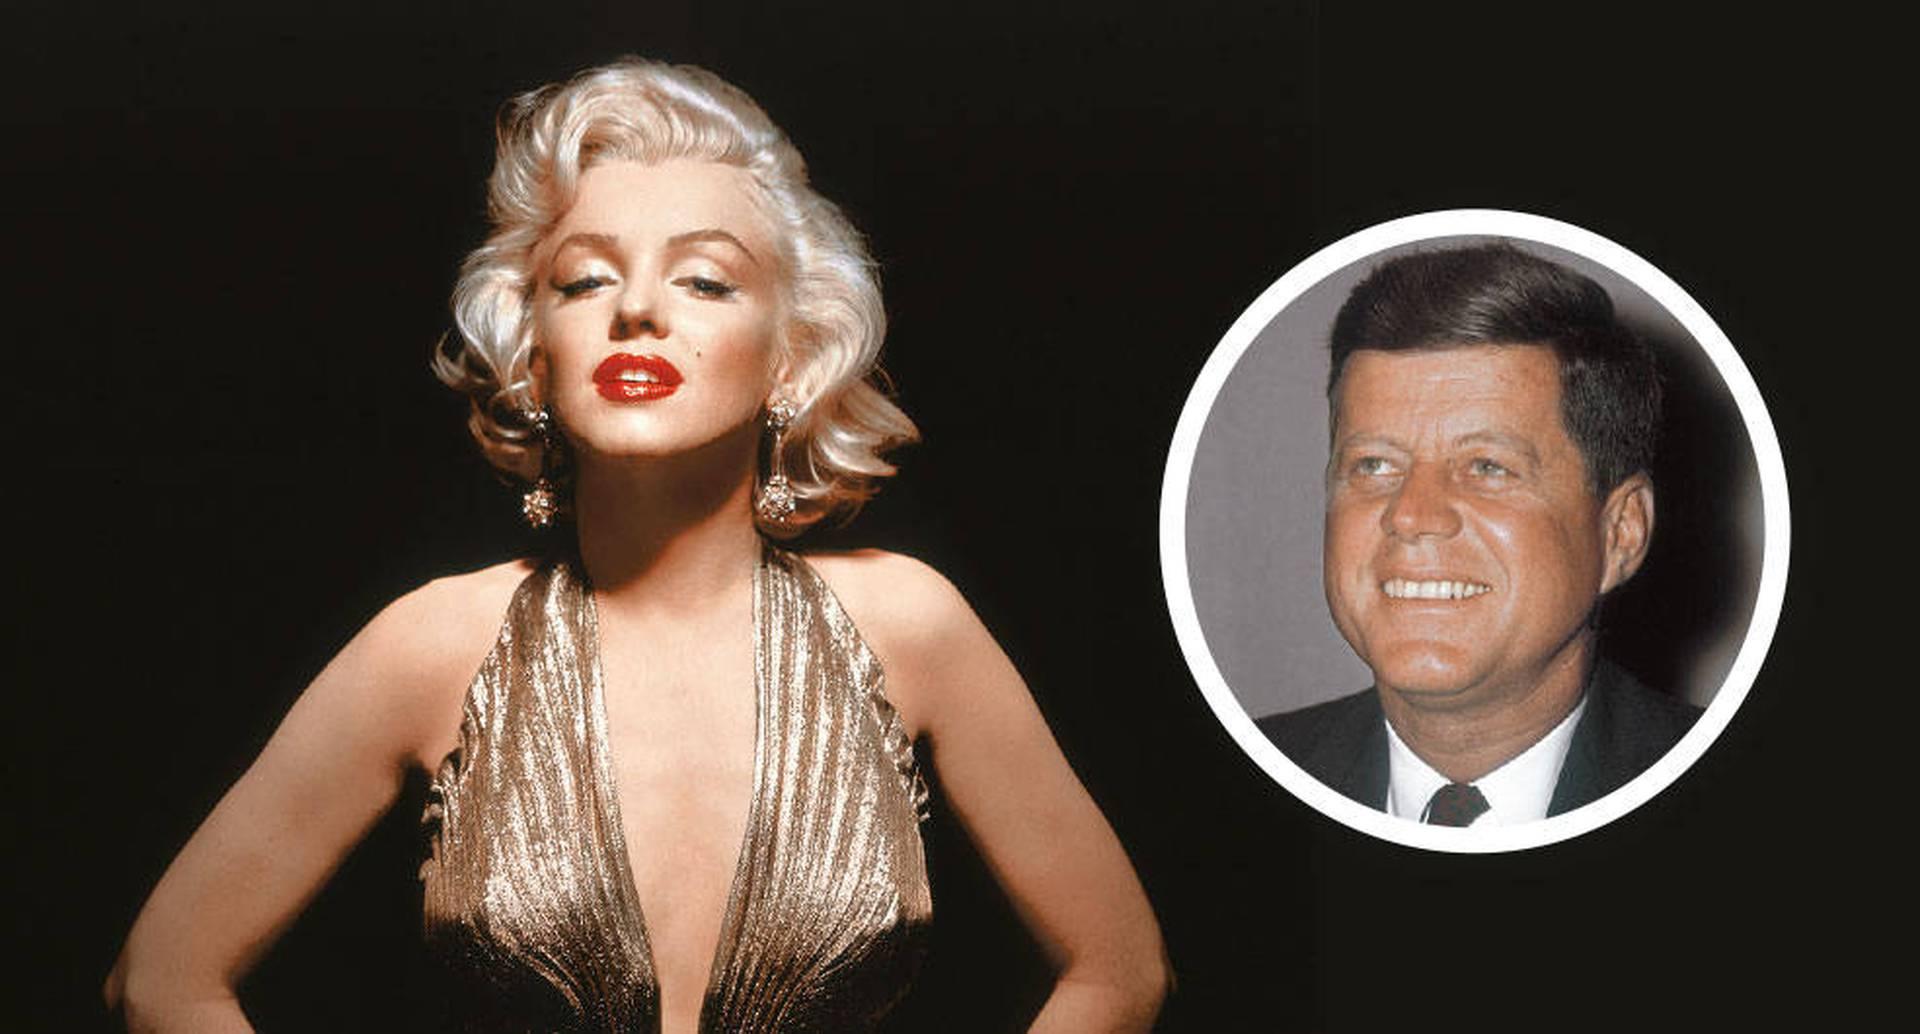 Marilyn Monroe habría tenido un hijo con alguno de los Kennedy.